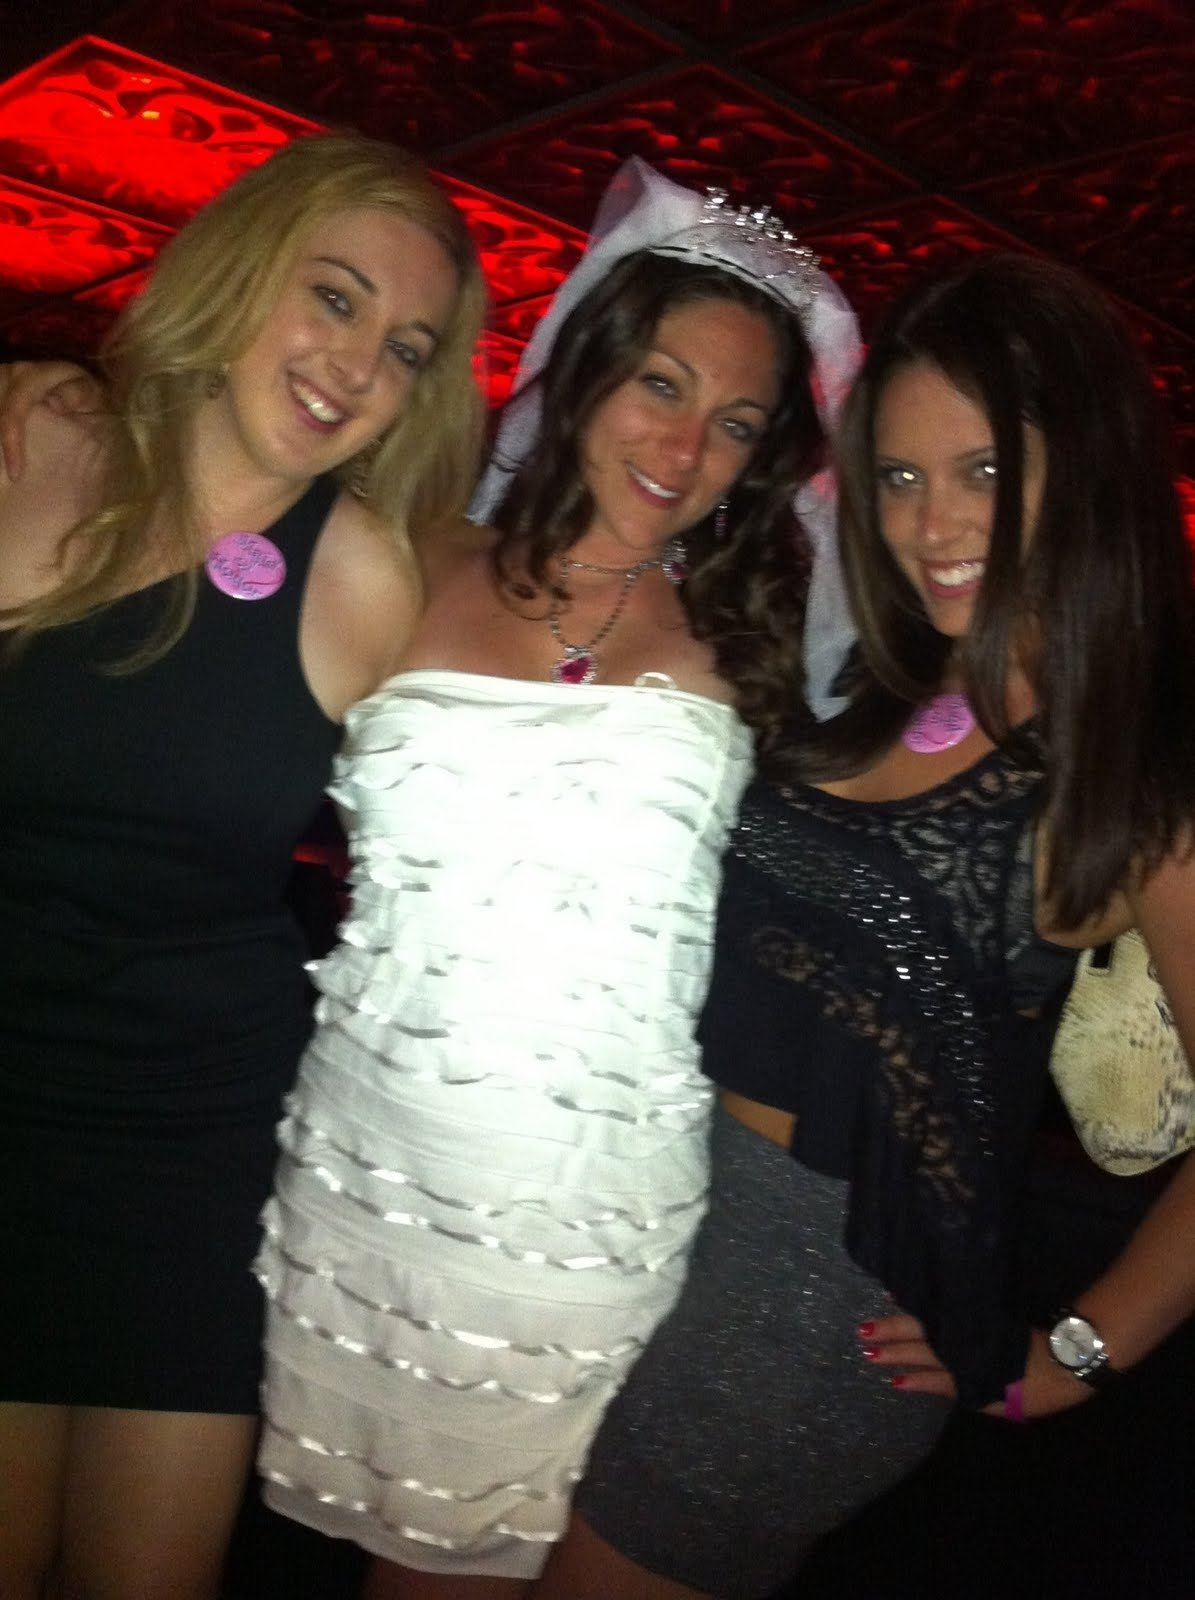 10 Unique Atlantic City Bachelorette Party Ideas bachelorette parties idea 11 atlantic city jet set girls 2020